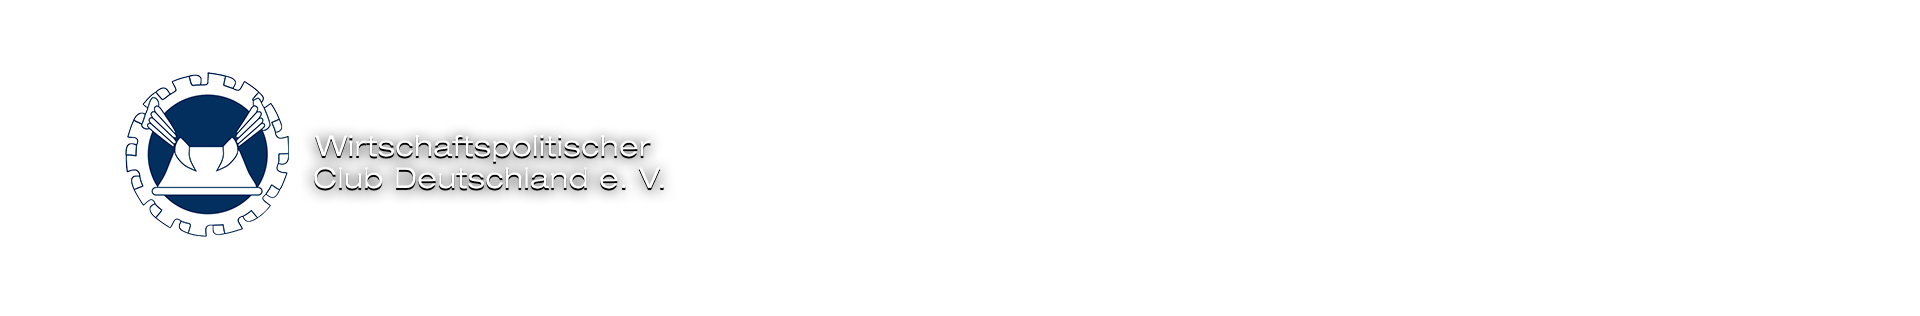 Wirtschaftspolitischer Club Deutschland (WPCD) e.V.